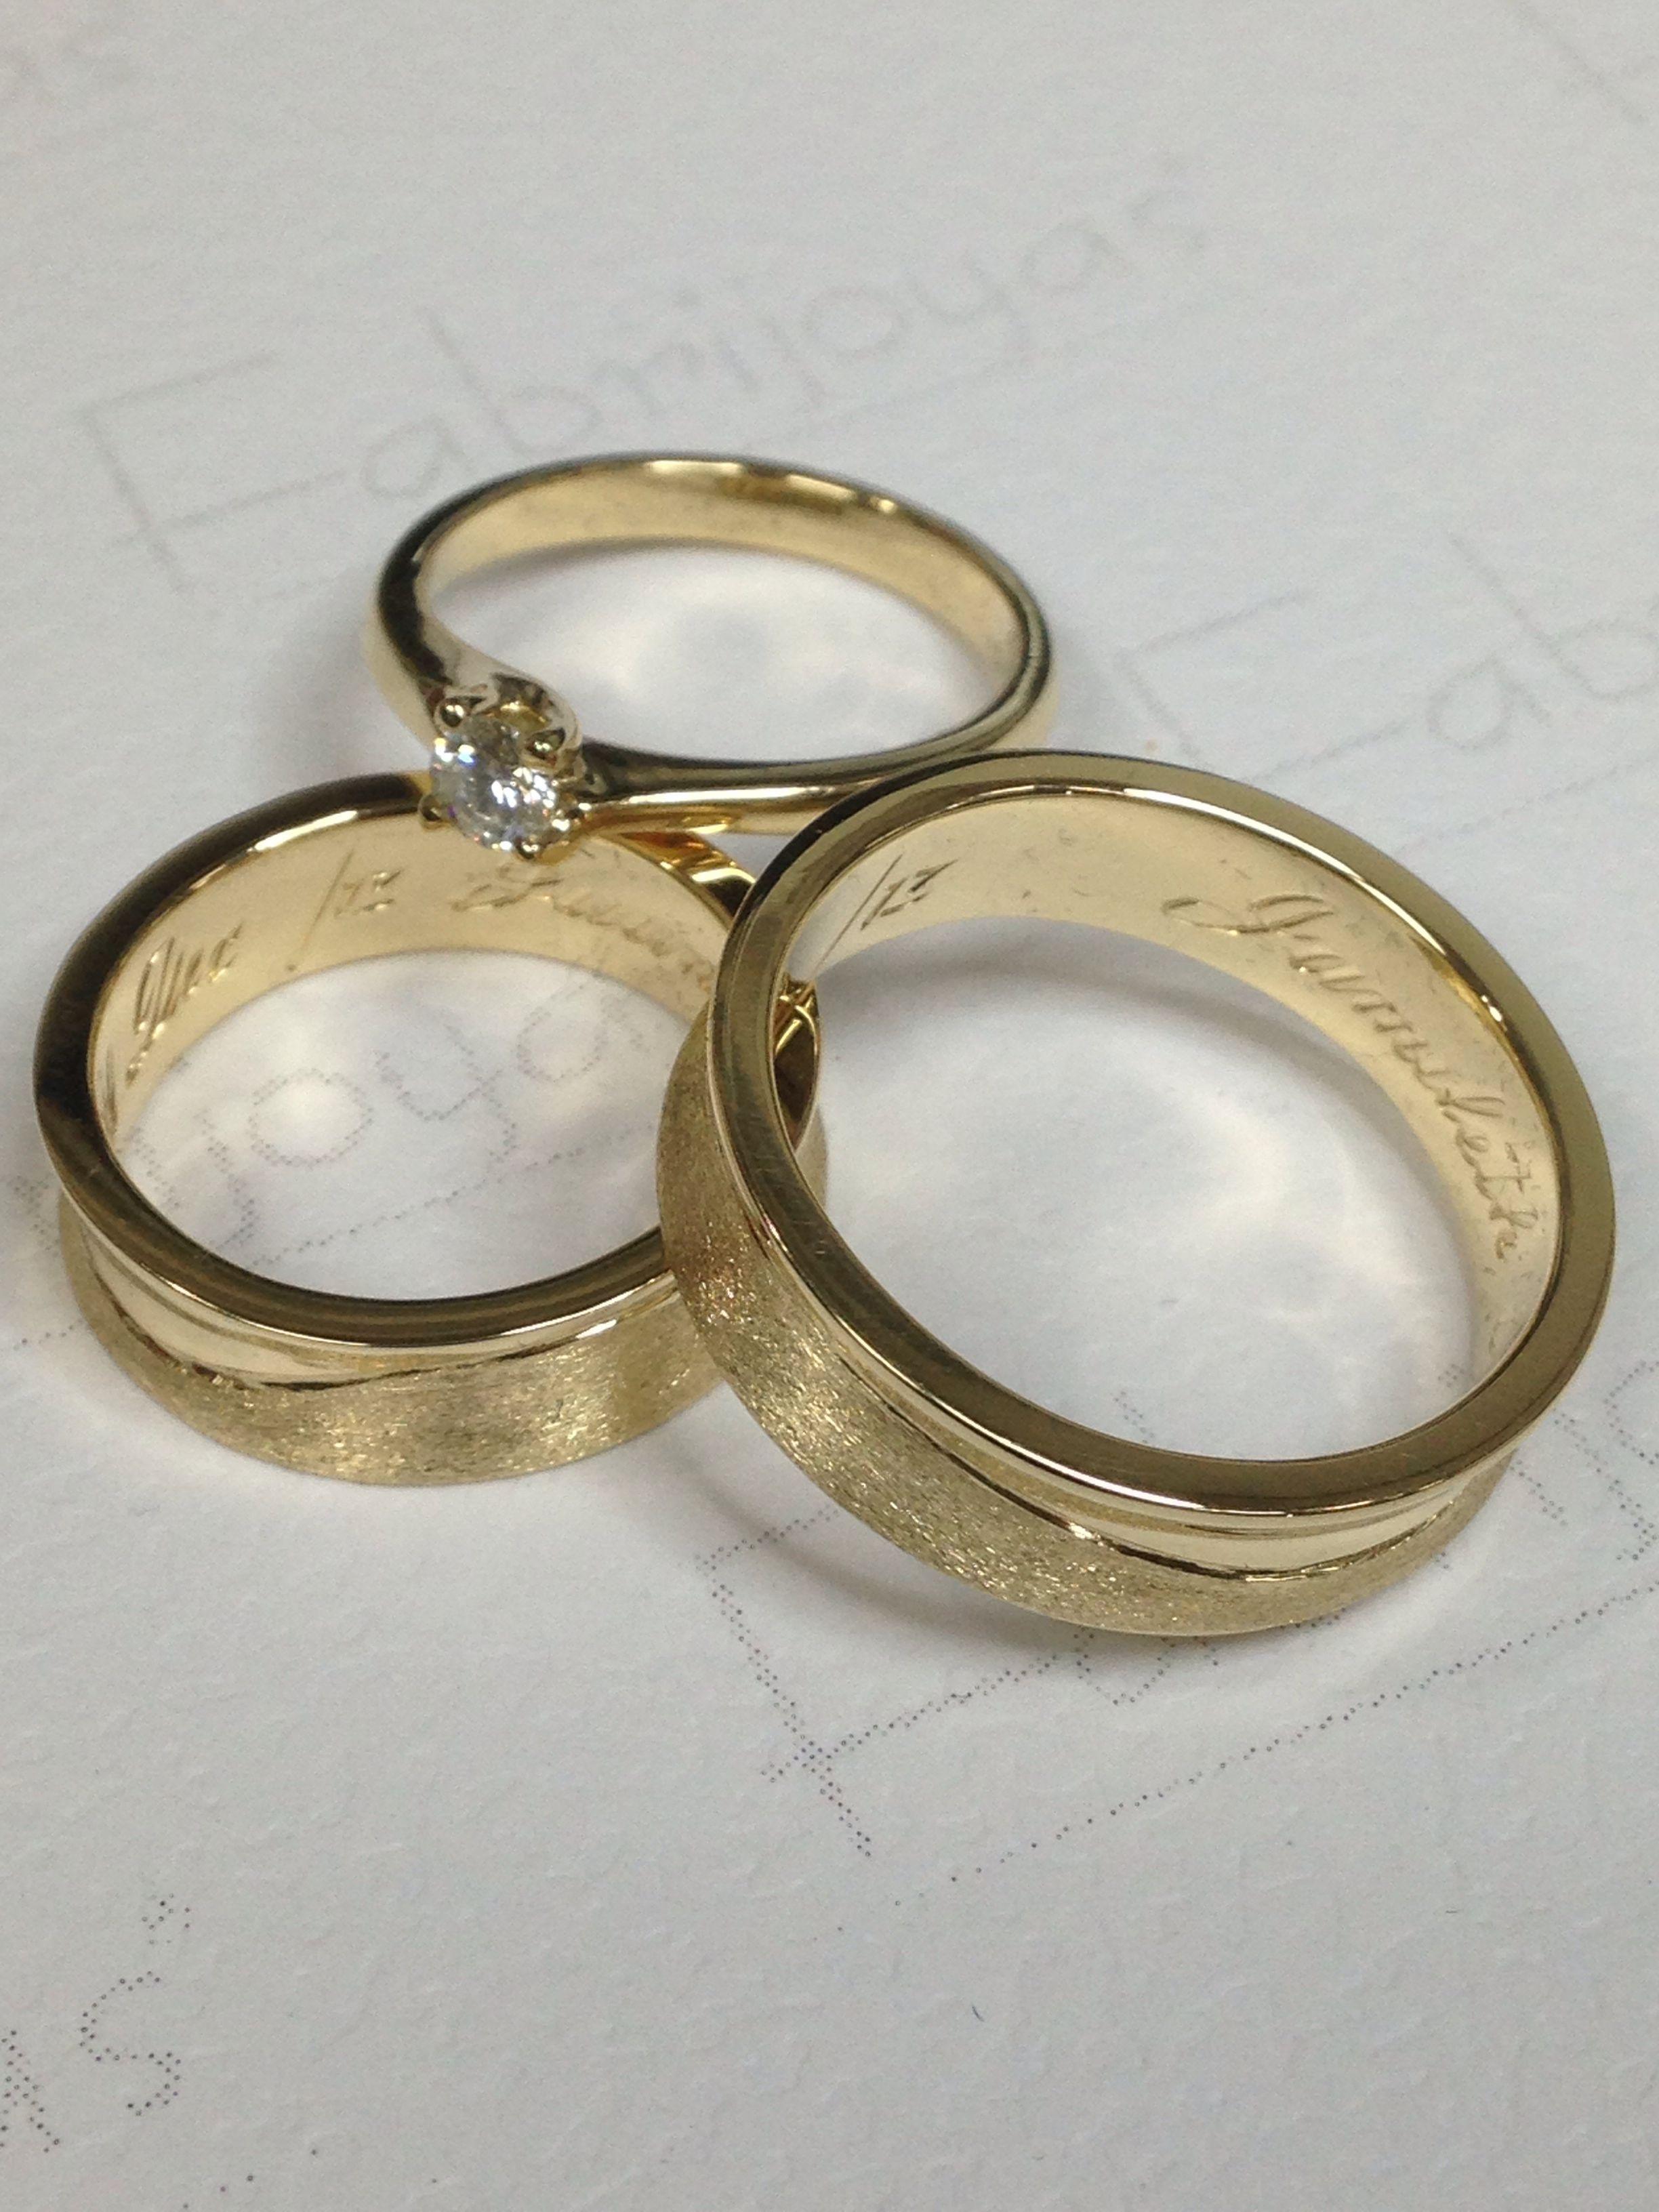 Necesario cristiandad saludo  Argollas y anillo de compromiso fabricado en oro amarillo 18k con diamante  de .20ct. Fabrijoyas. #BodasCali #Jo… | Wedding ring sets, Wedding rings,  Wedding jewelry